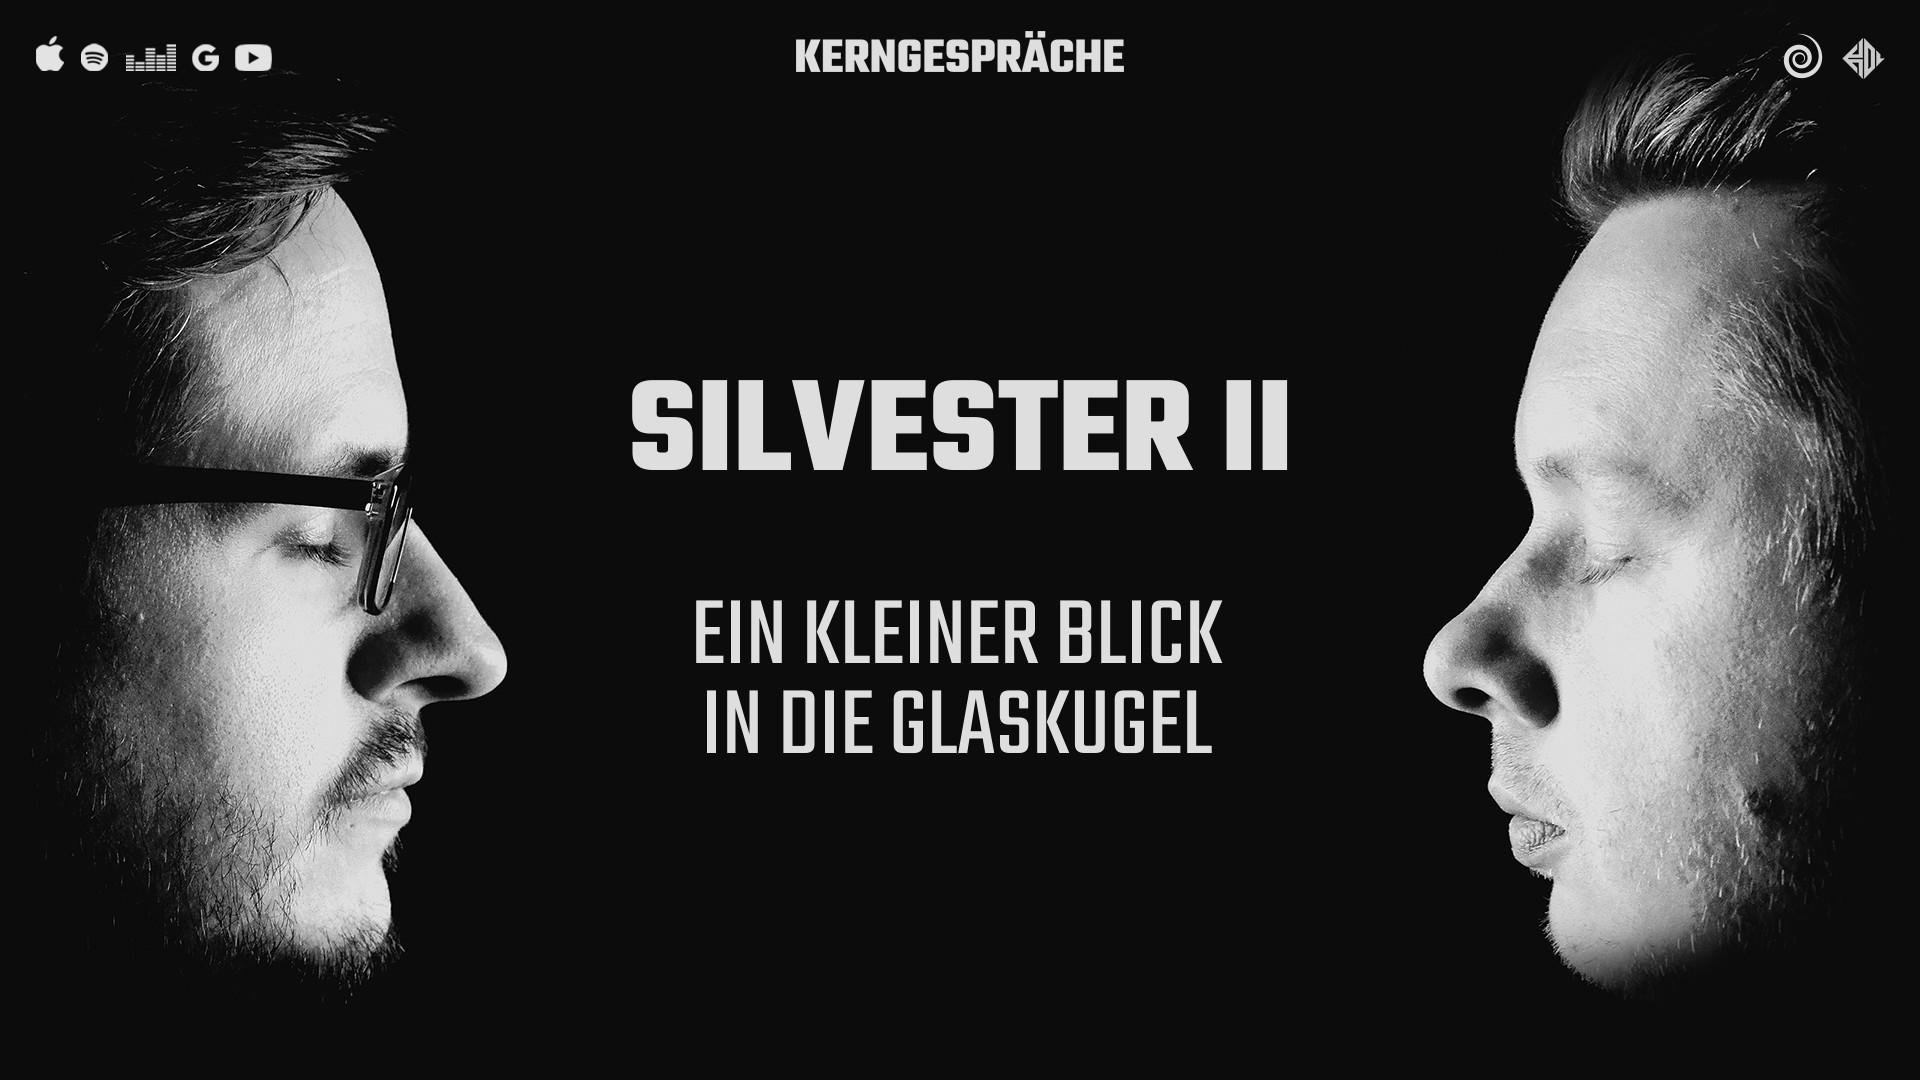 Silvester II: Ein kleiner Blick in die Glaskugel